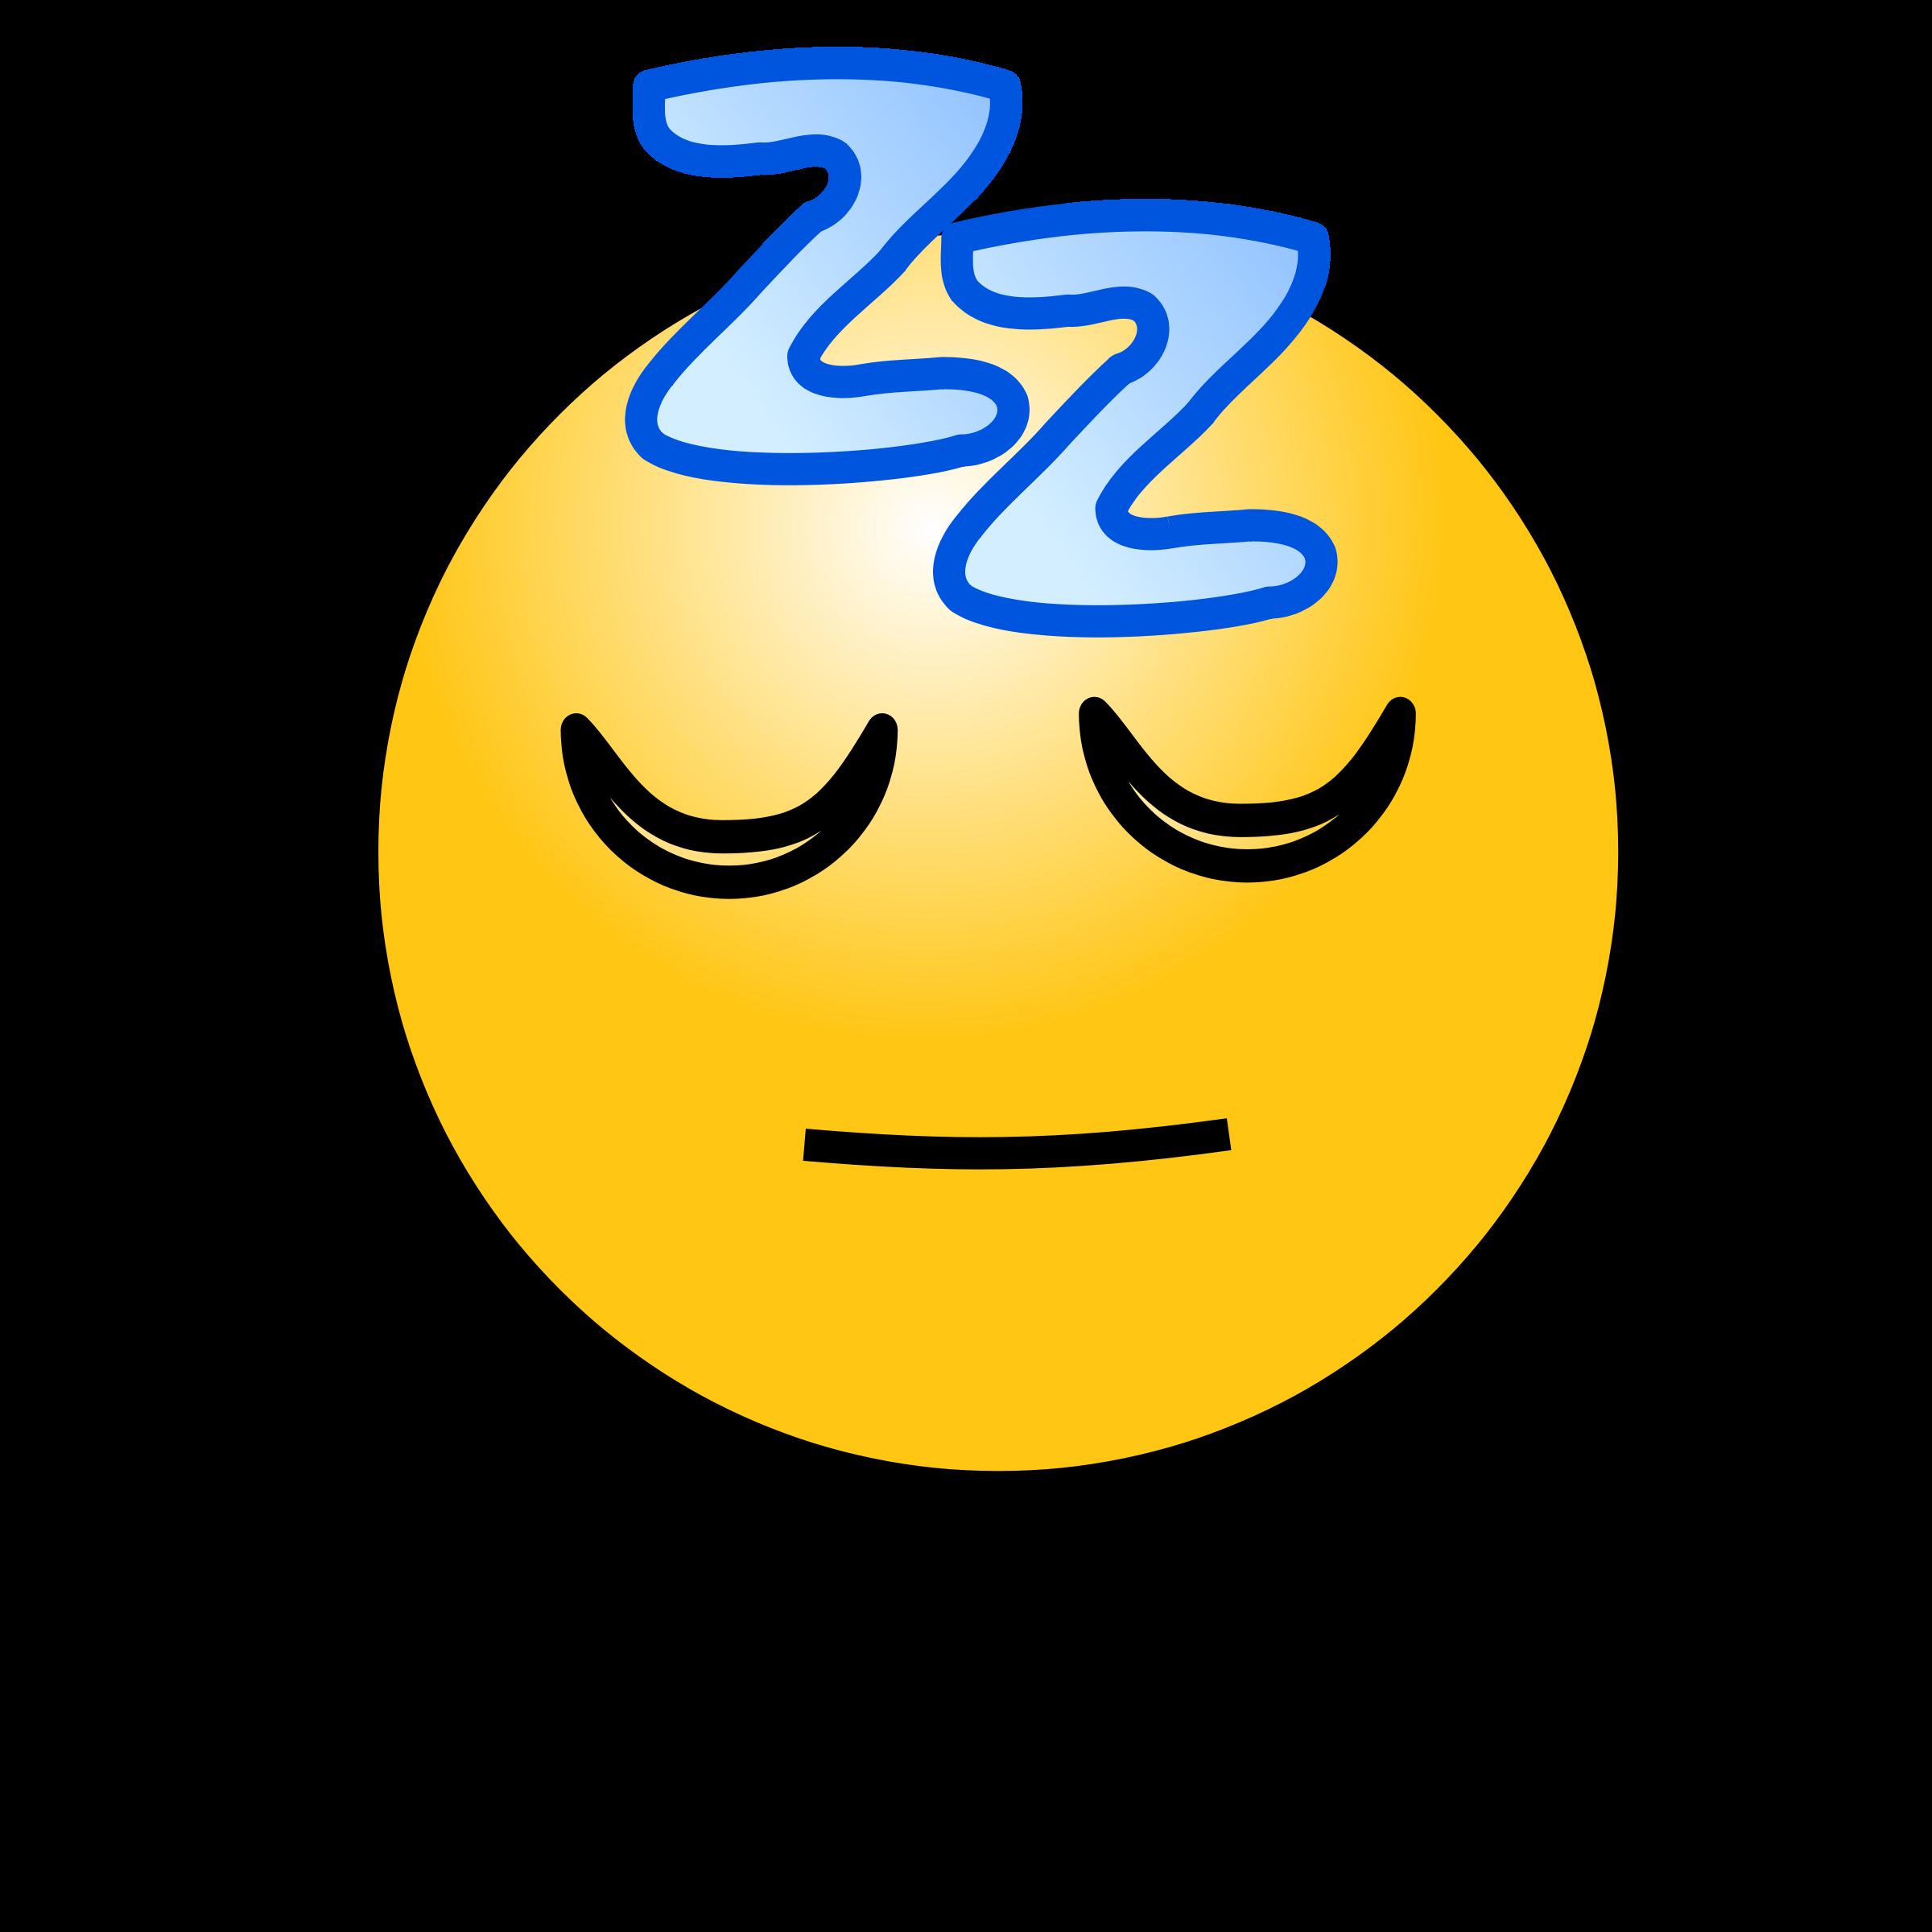 Sleepy cliparts sleeping face. Clipart moon sleep